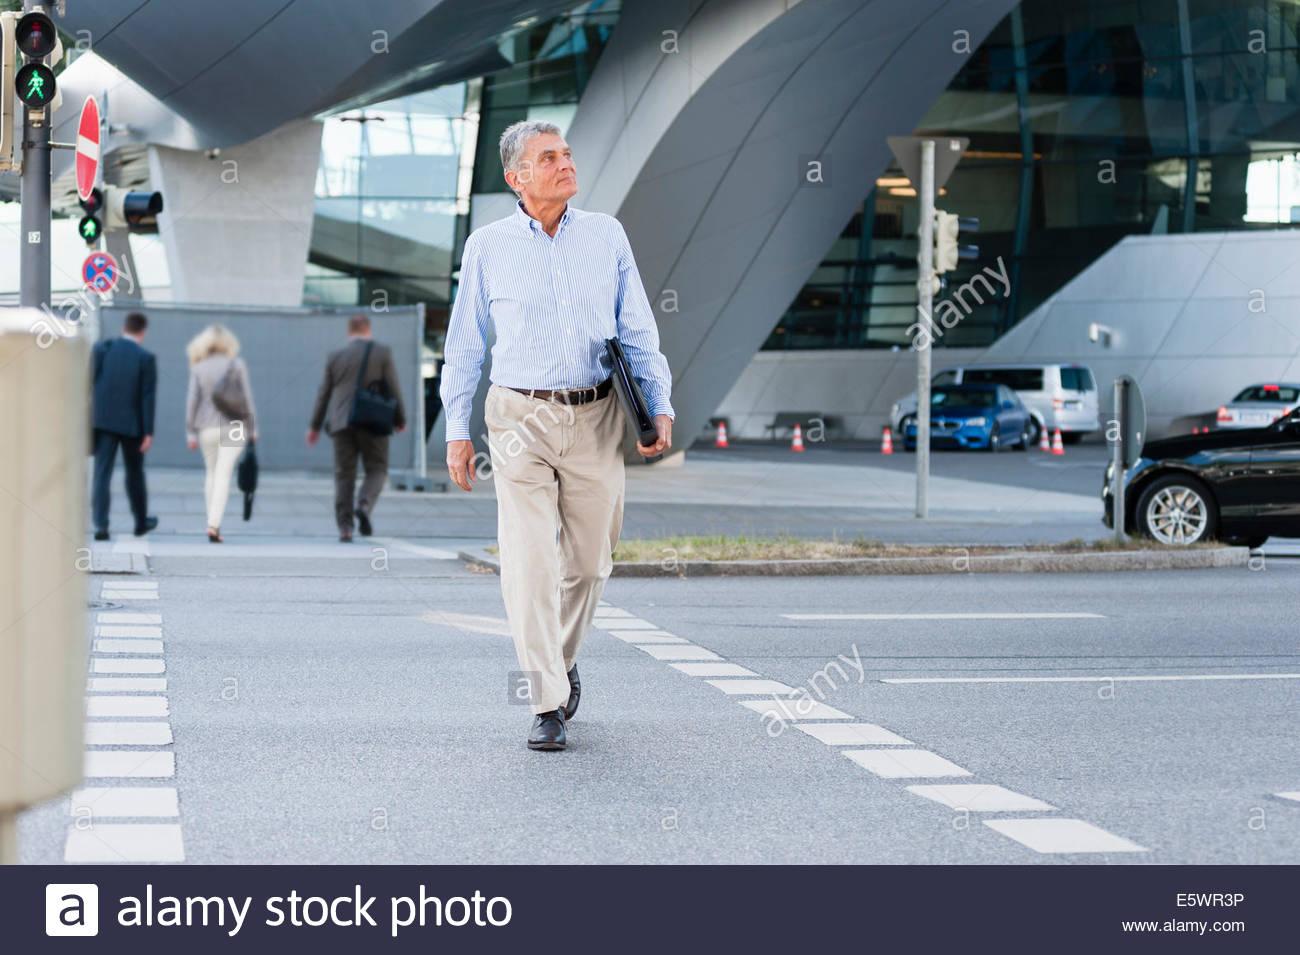 Adulto mayor empresario caminando calle abajo Imagen De Stock